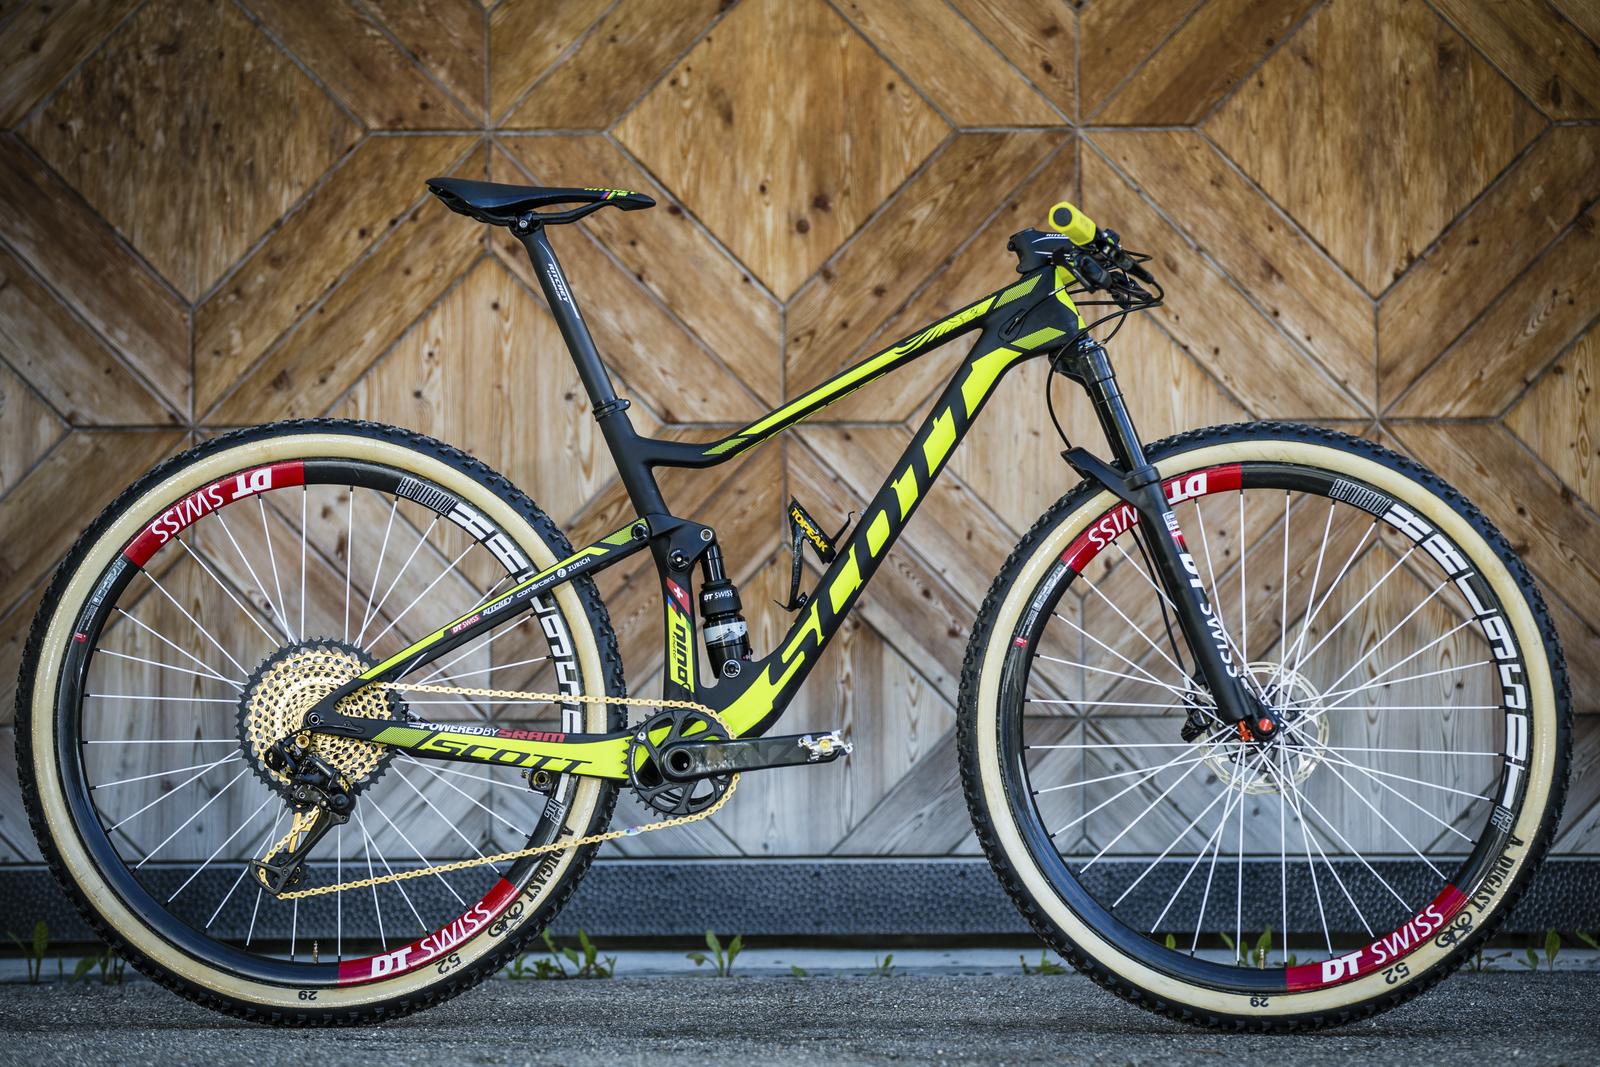 8e6fdab4b9c MTB-MAG.COM - Mountain Bike Magazine | Nino Schurter's Scott Spark ...